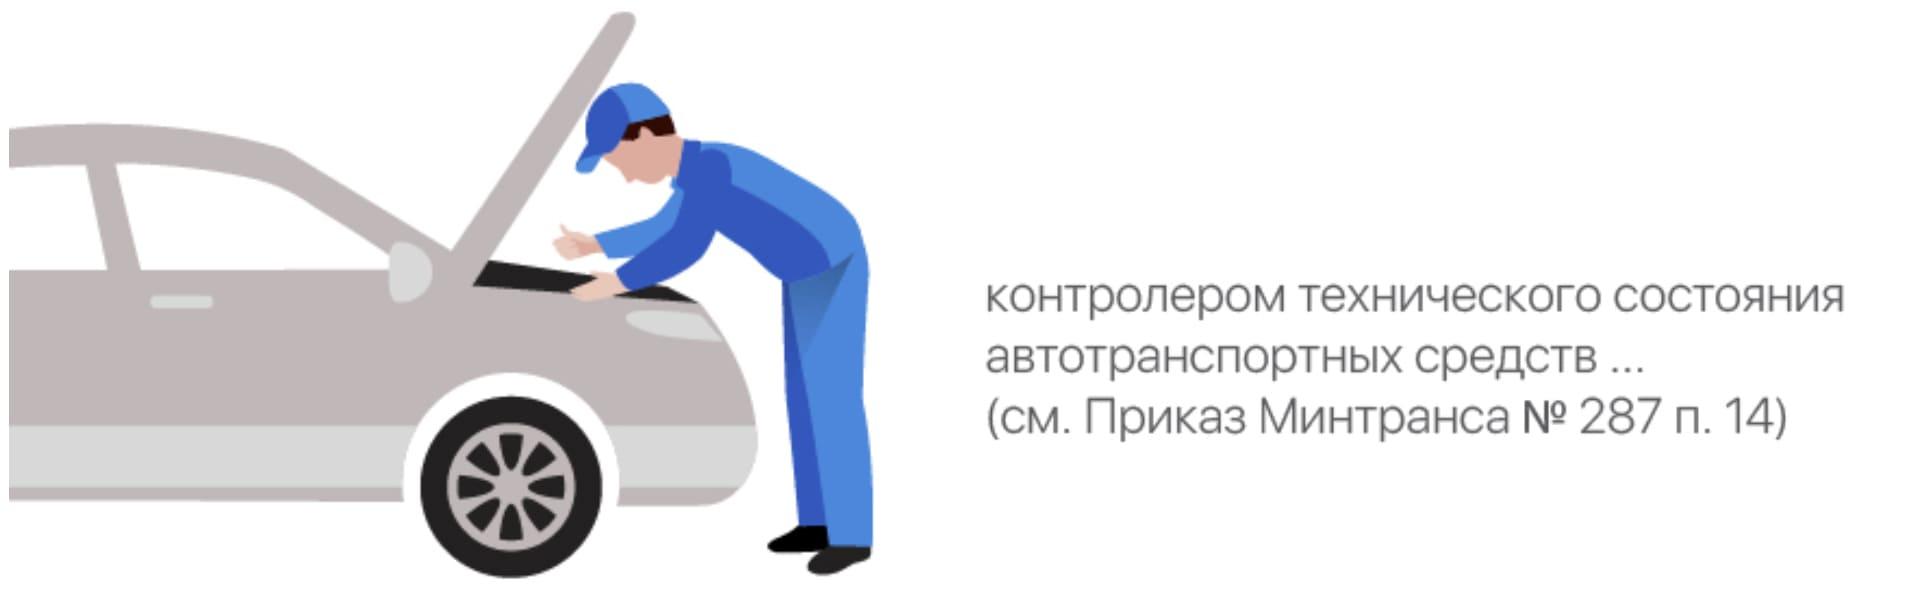 контролер ттехнического состояния ТС